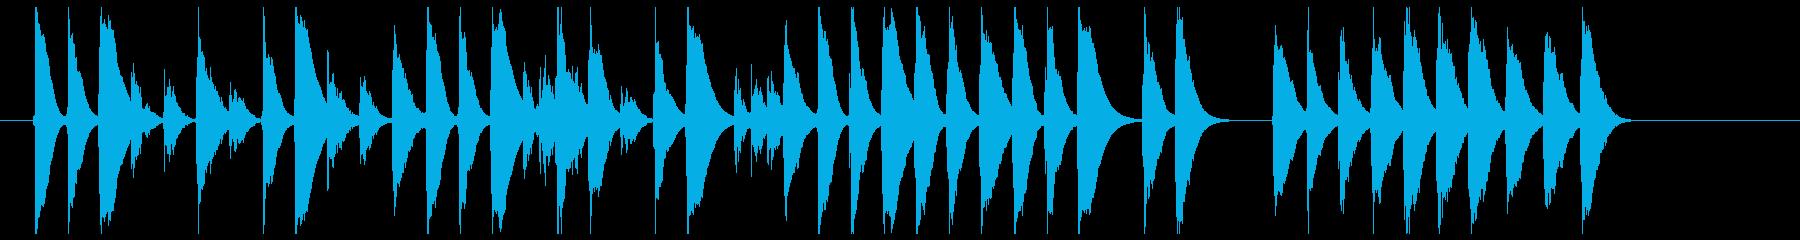 おもちゃのピアノで切ない曲の再生済みの波形